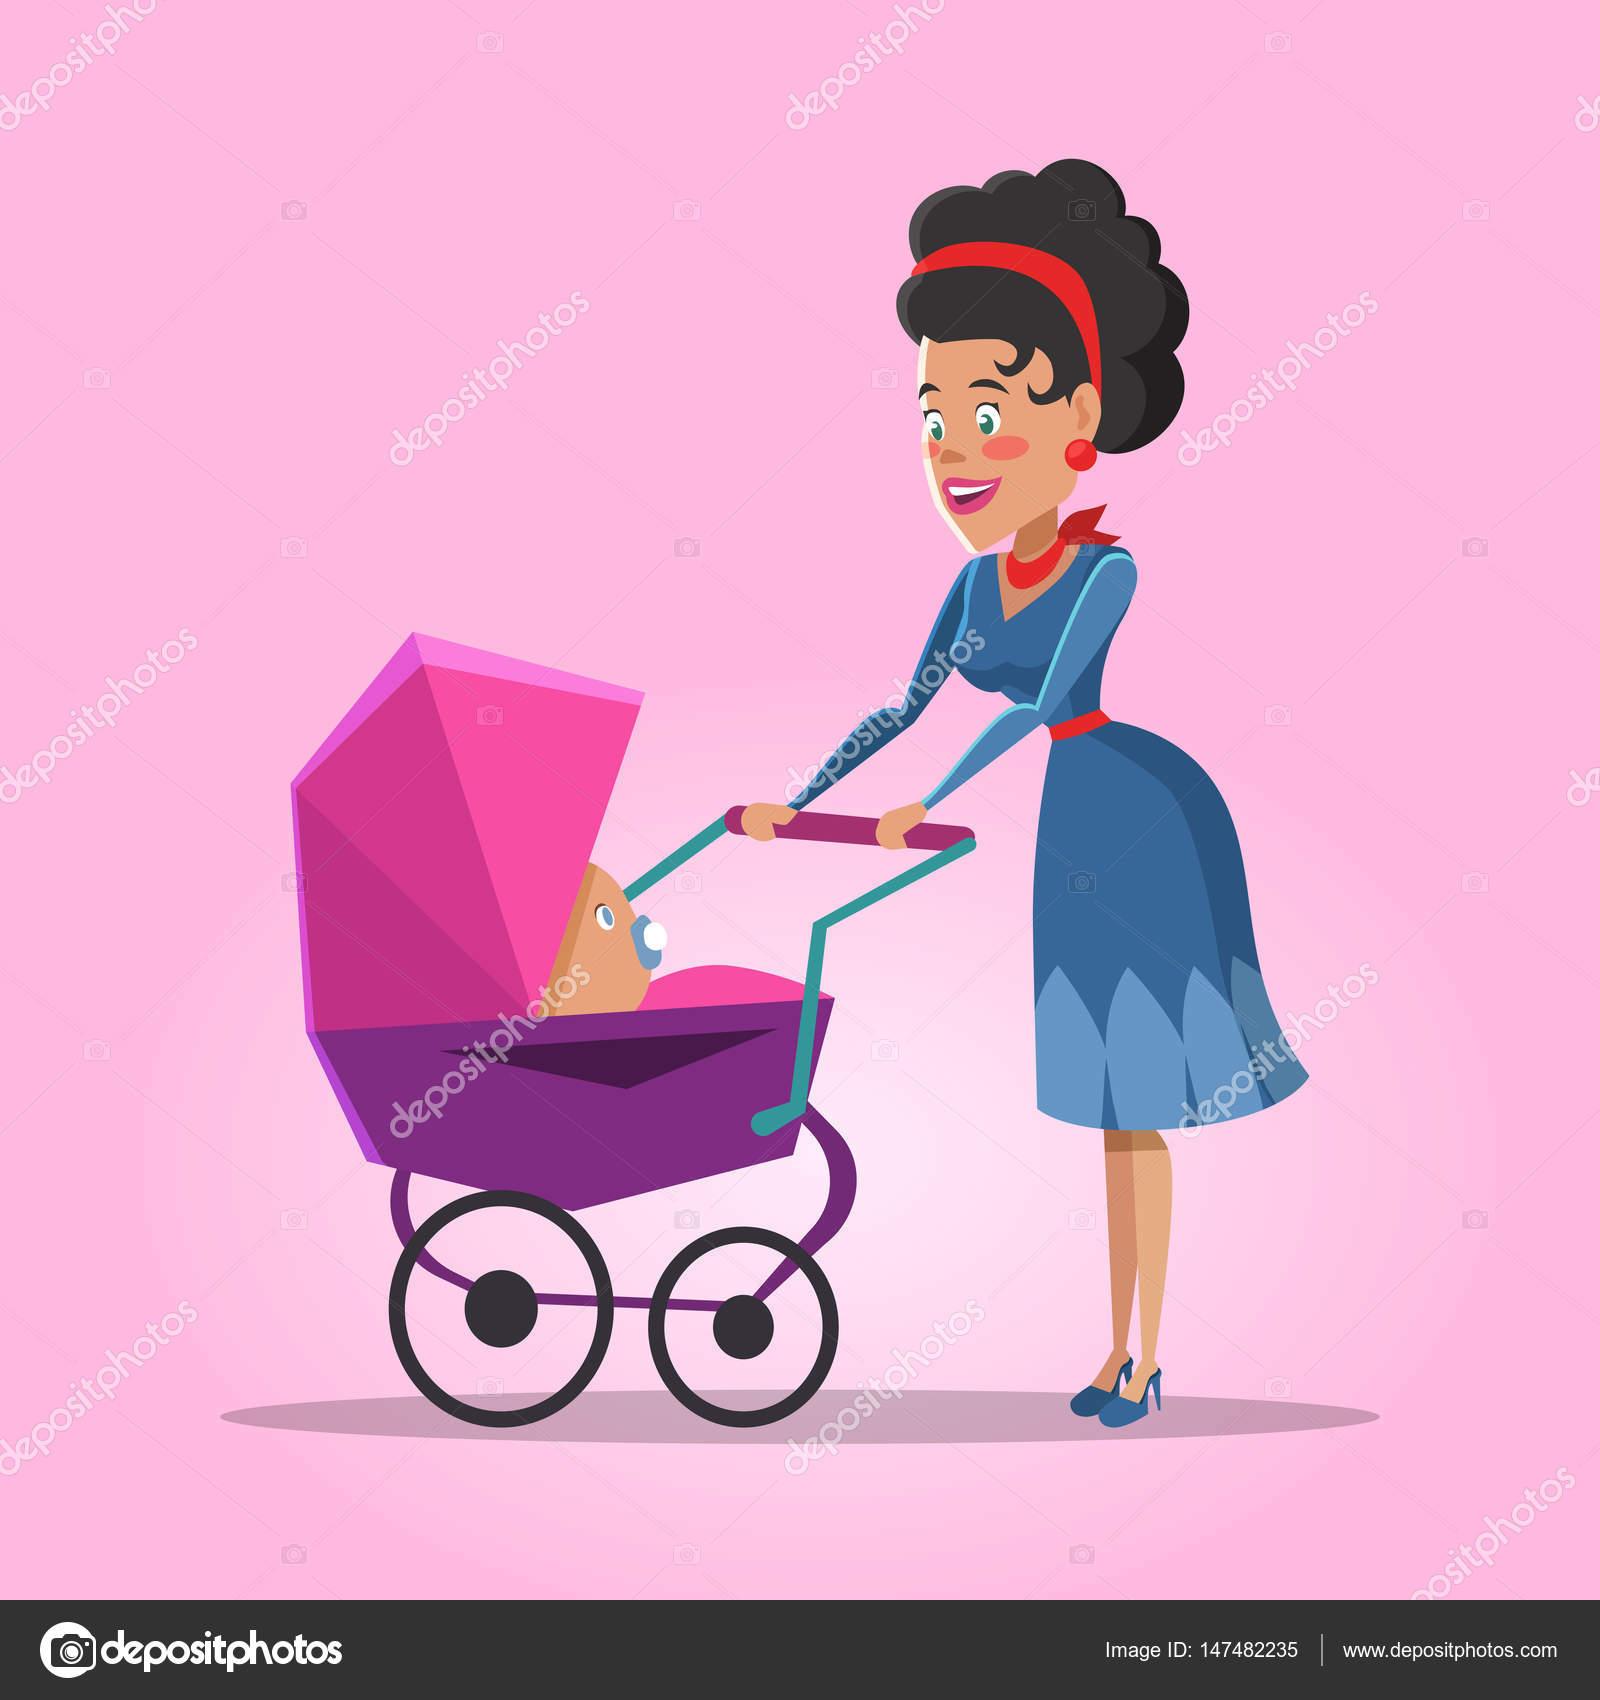 jeune maman avec b b nouveau n illustration de dessin anim de vecteur image vectorielle. Black Bedroom Furniture Sets. Home Design Ideas